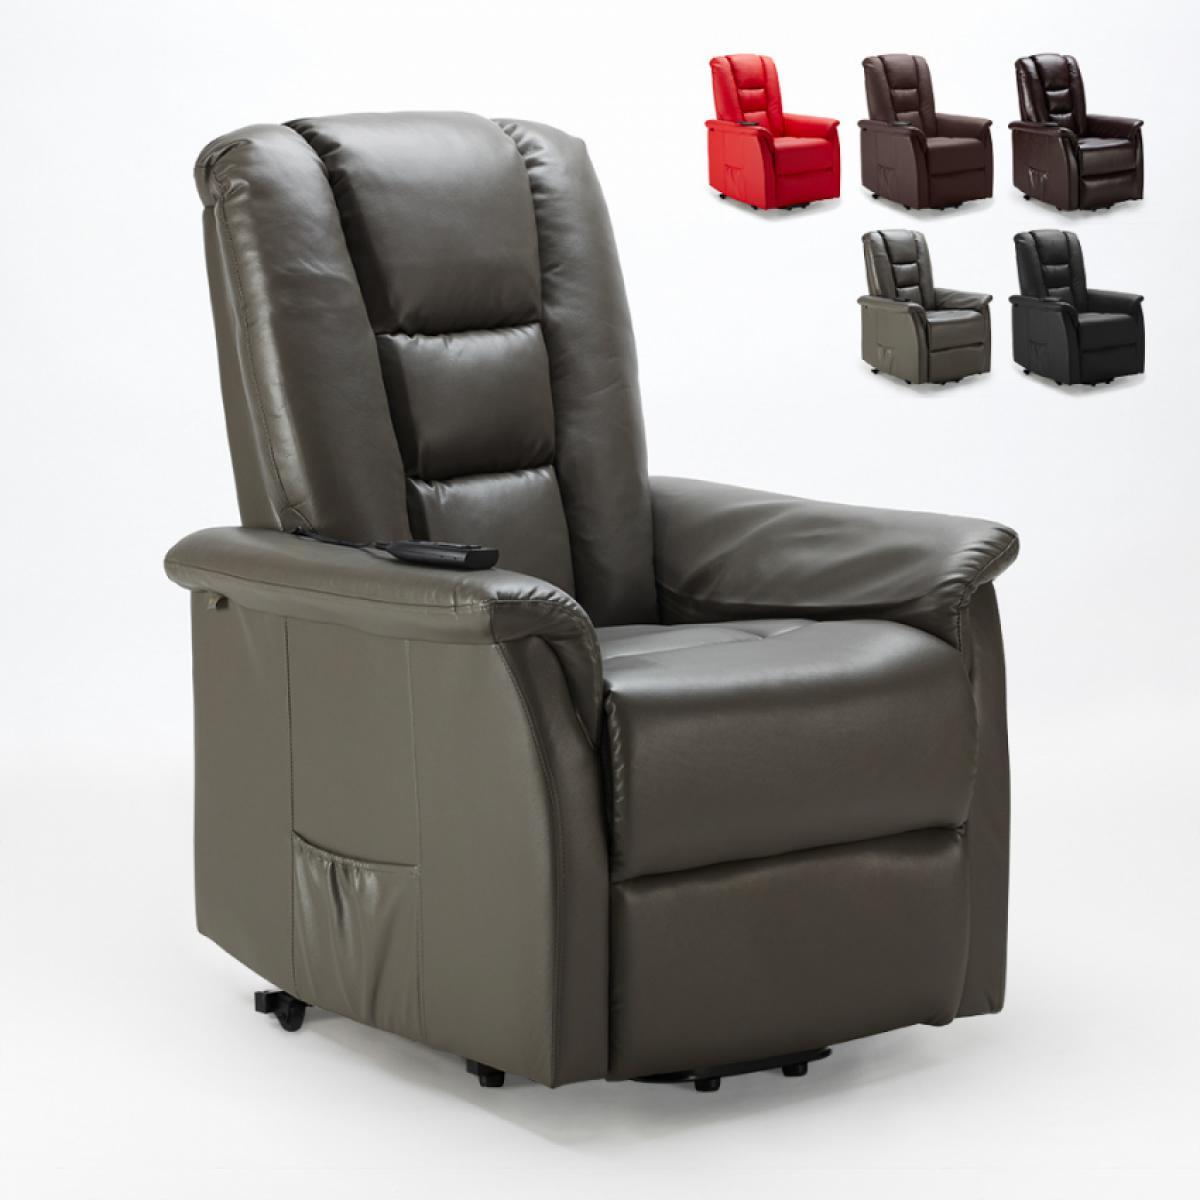 Le Roi du Relax Fauteuil de relaxation avec système d'inclinaison simili-cuir 2 roues Joanna, Couleur: Gris